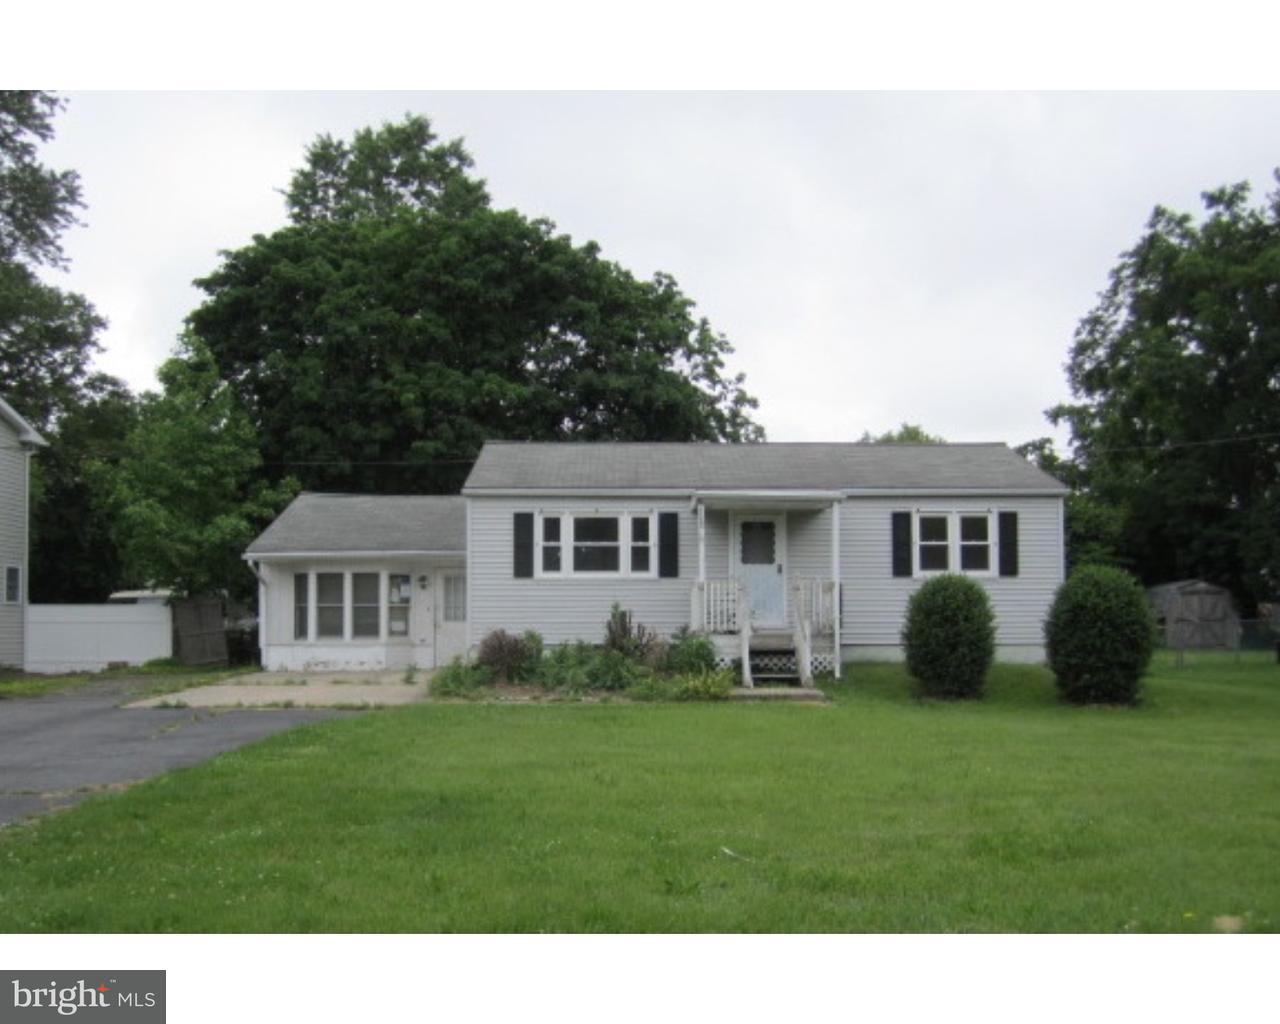 Частный односемейный дом для того Продажа на 1155 MONMOUTH Road Eastampton, Нью-Джерси 08060 Соединенные Штаты